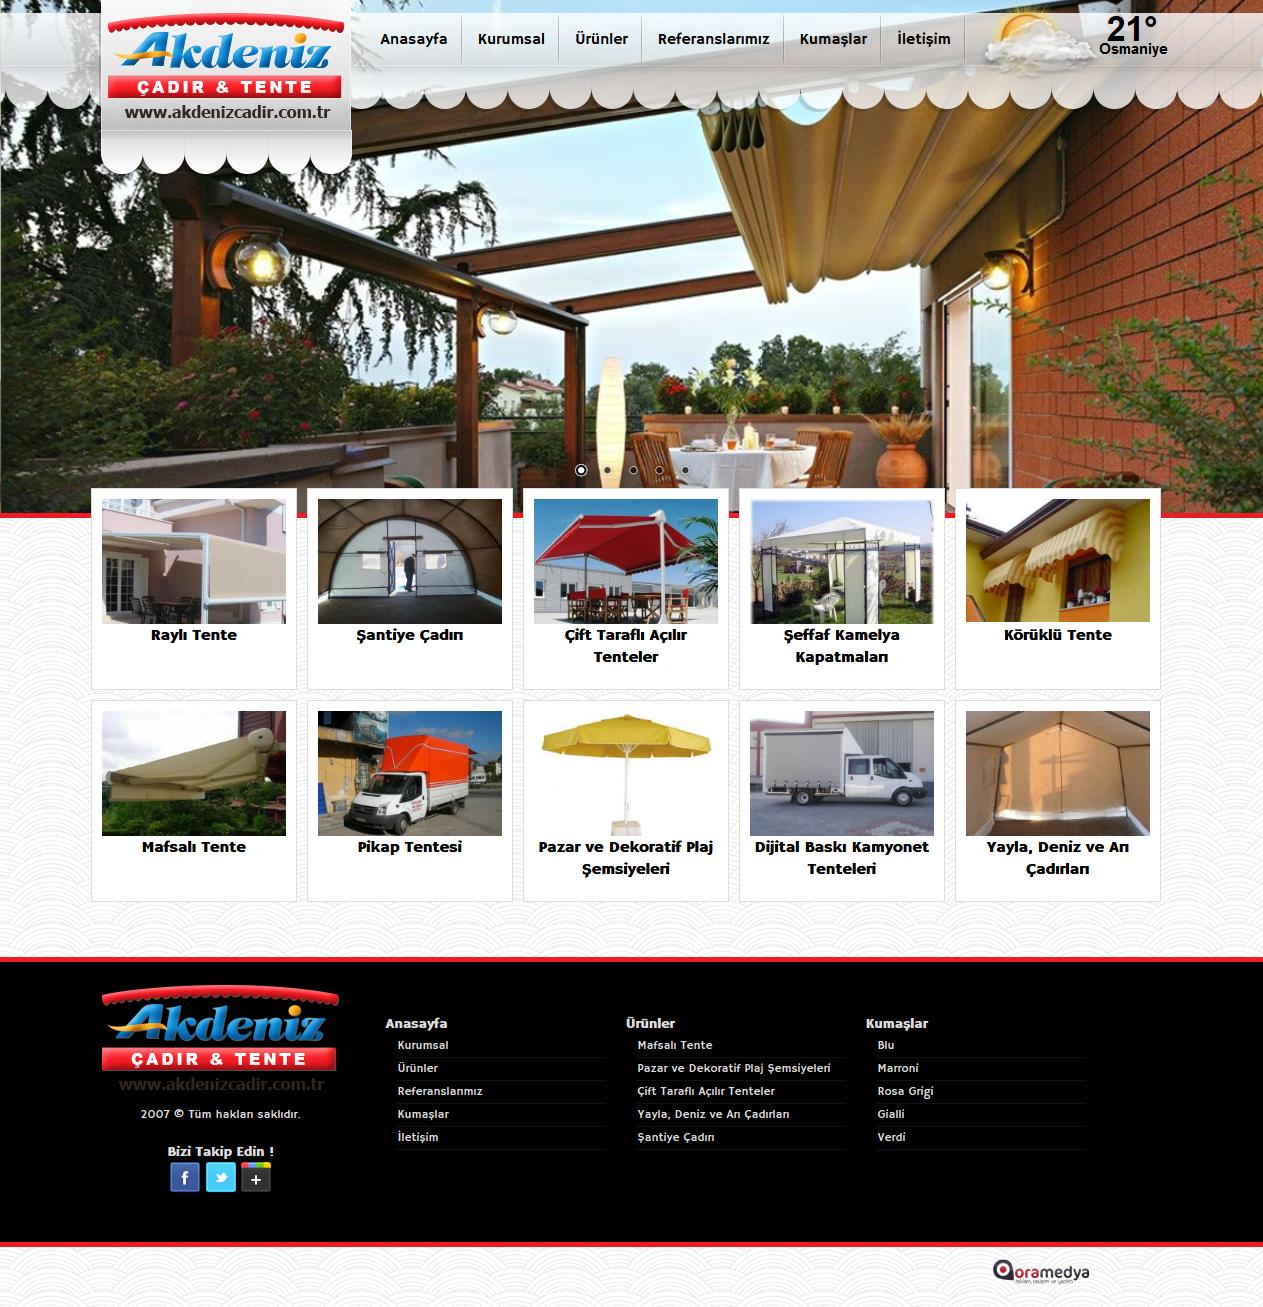 Akdeniz Çadırcılık ve Tente Osmaniye Web tasarım